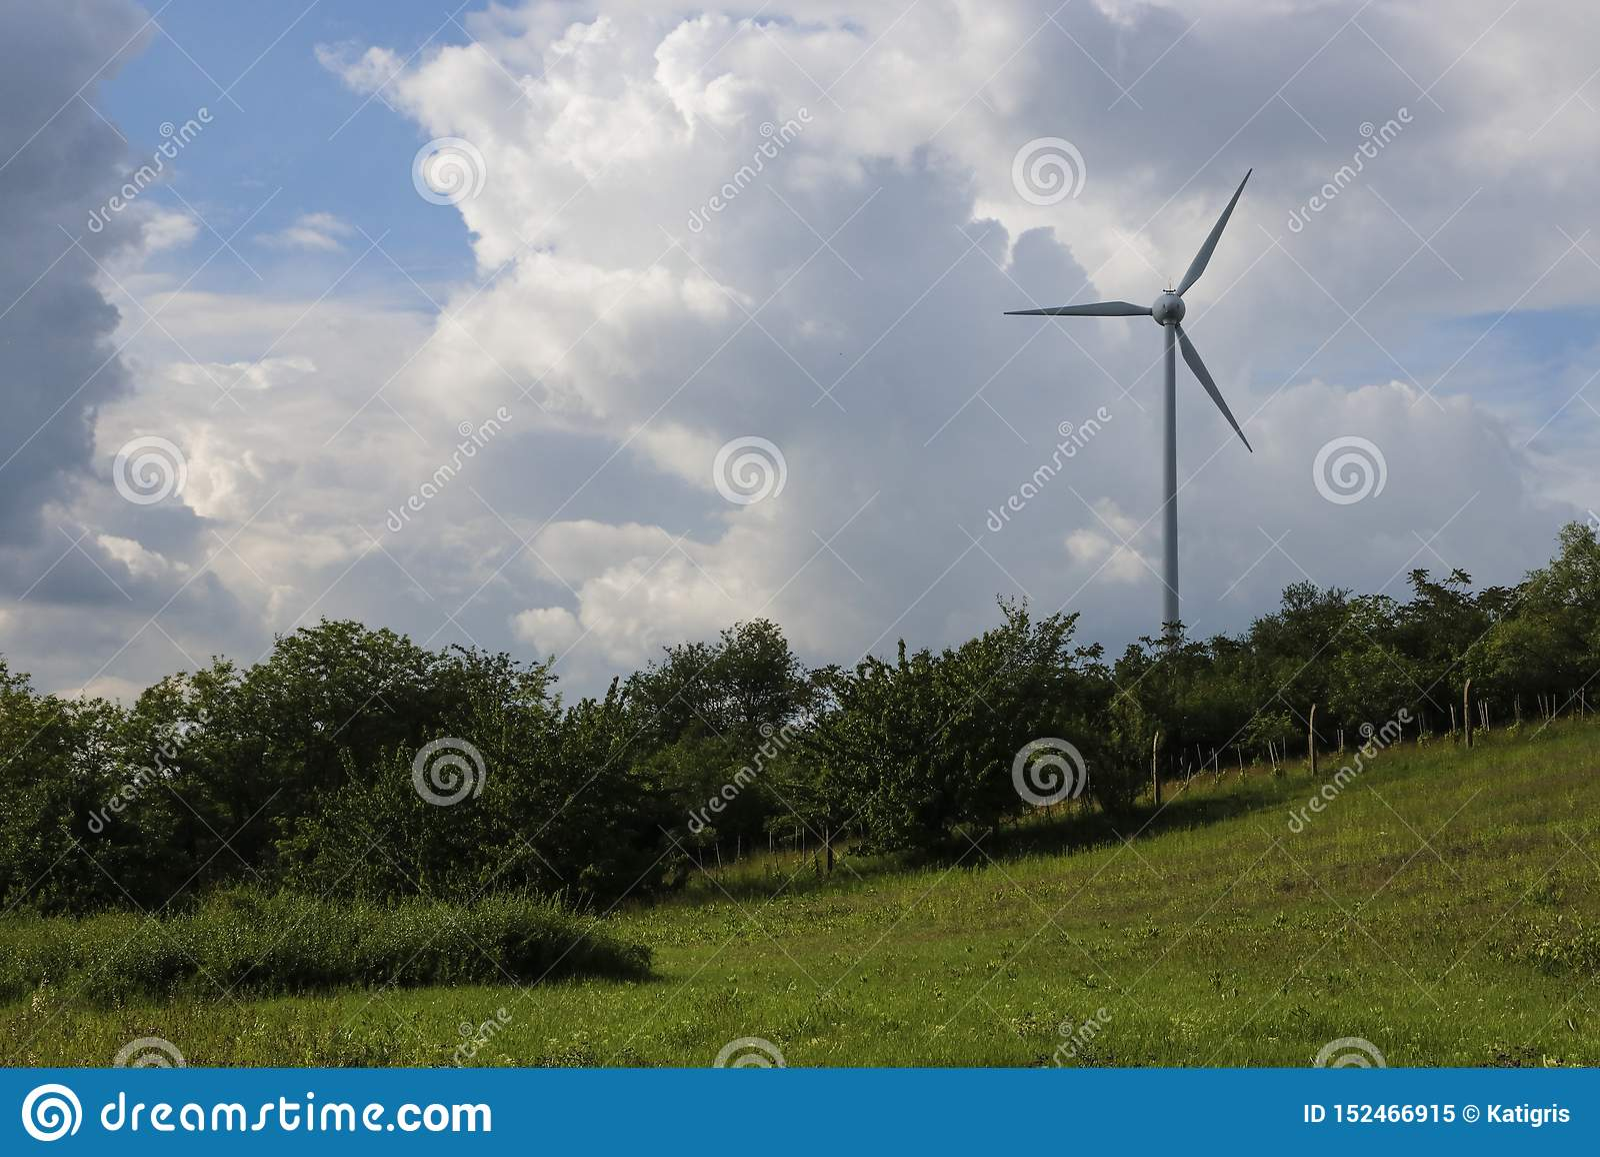 Generatore eolico e nuvole sbalorditive